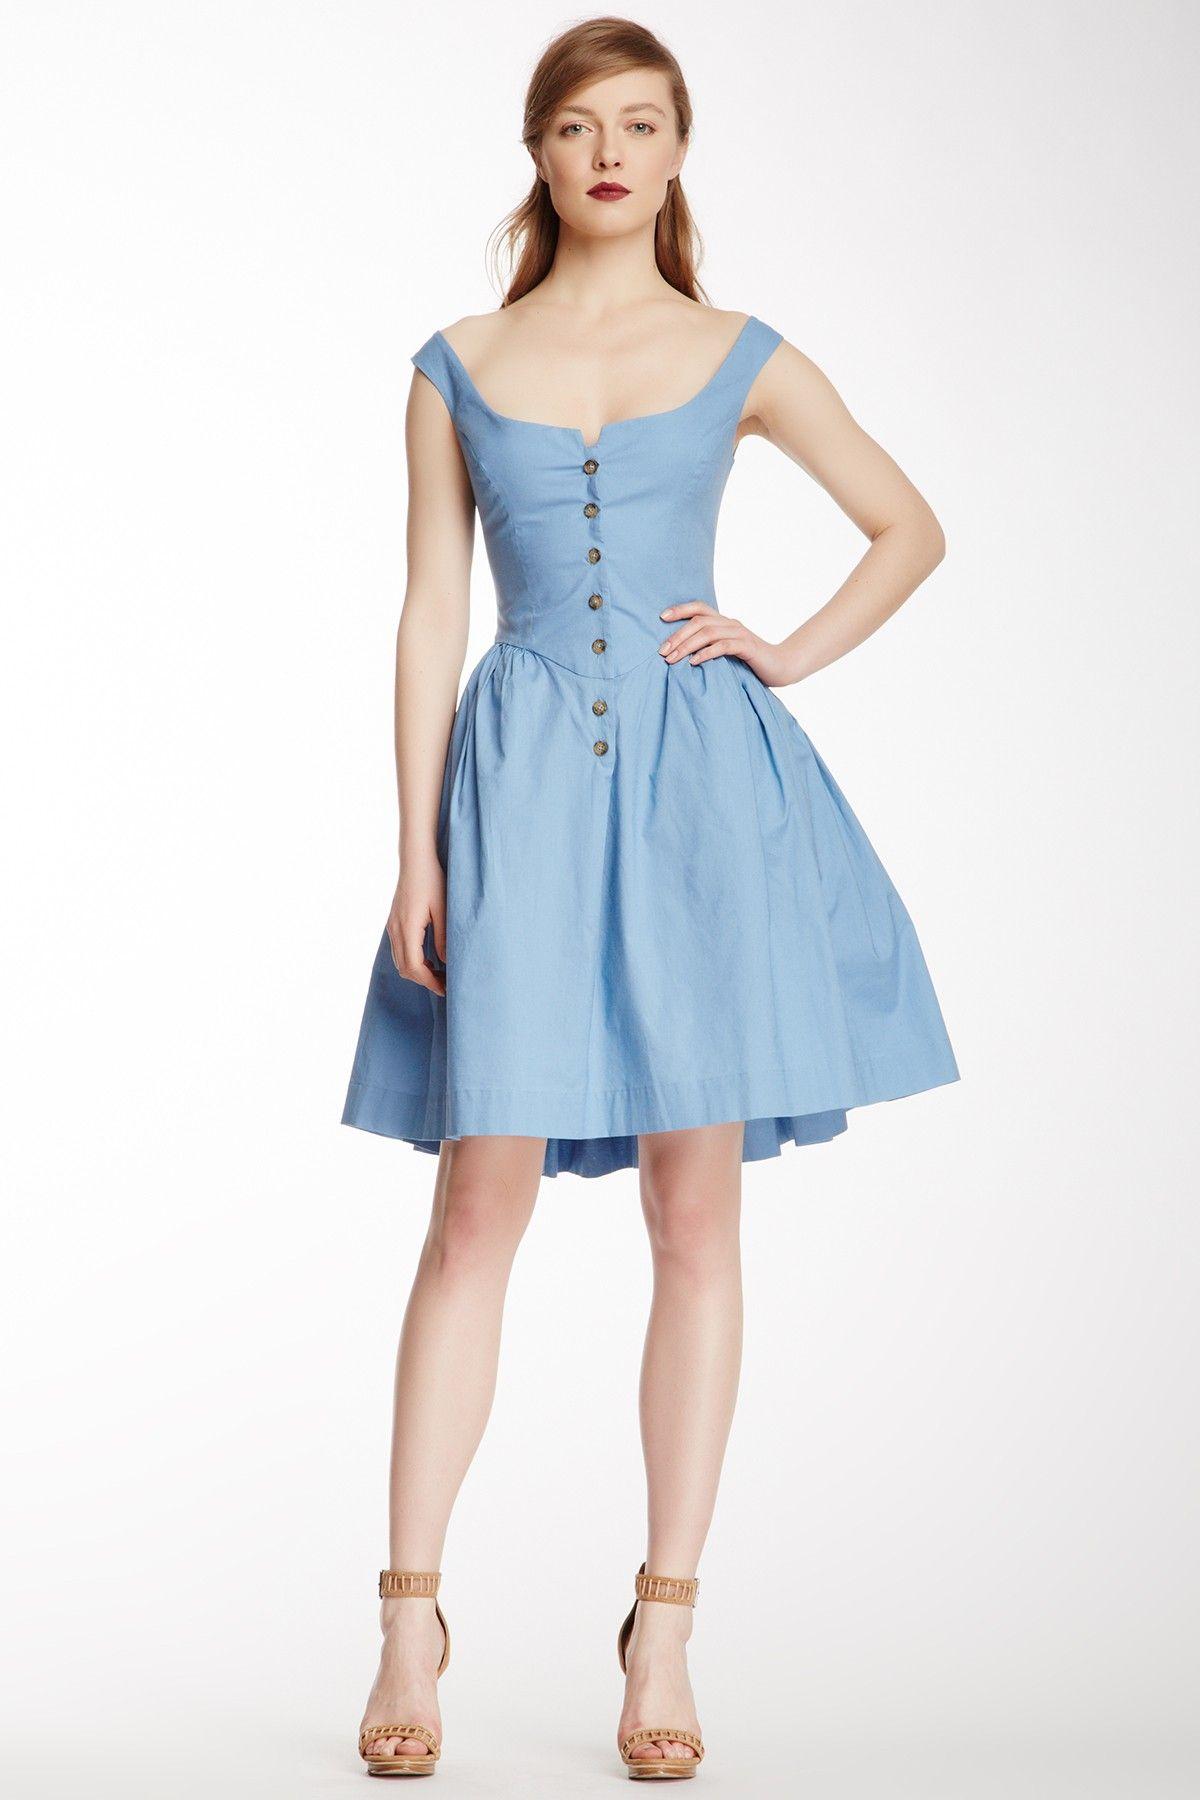 Hechura De Vestidos Modernos Y Trazar Patrones Moda Estilo